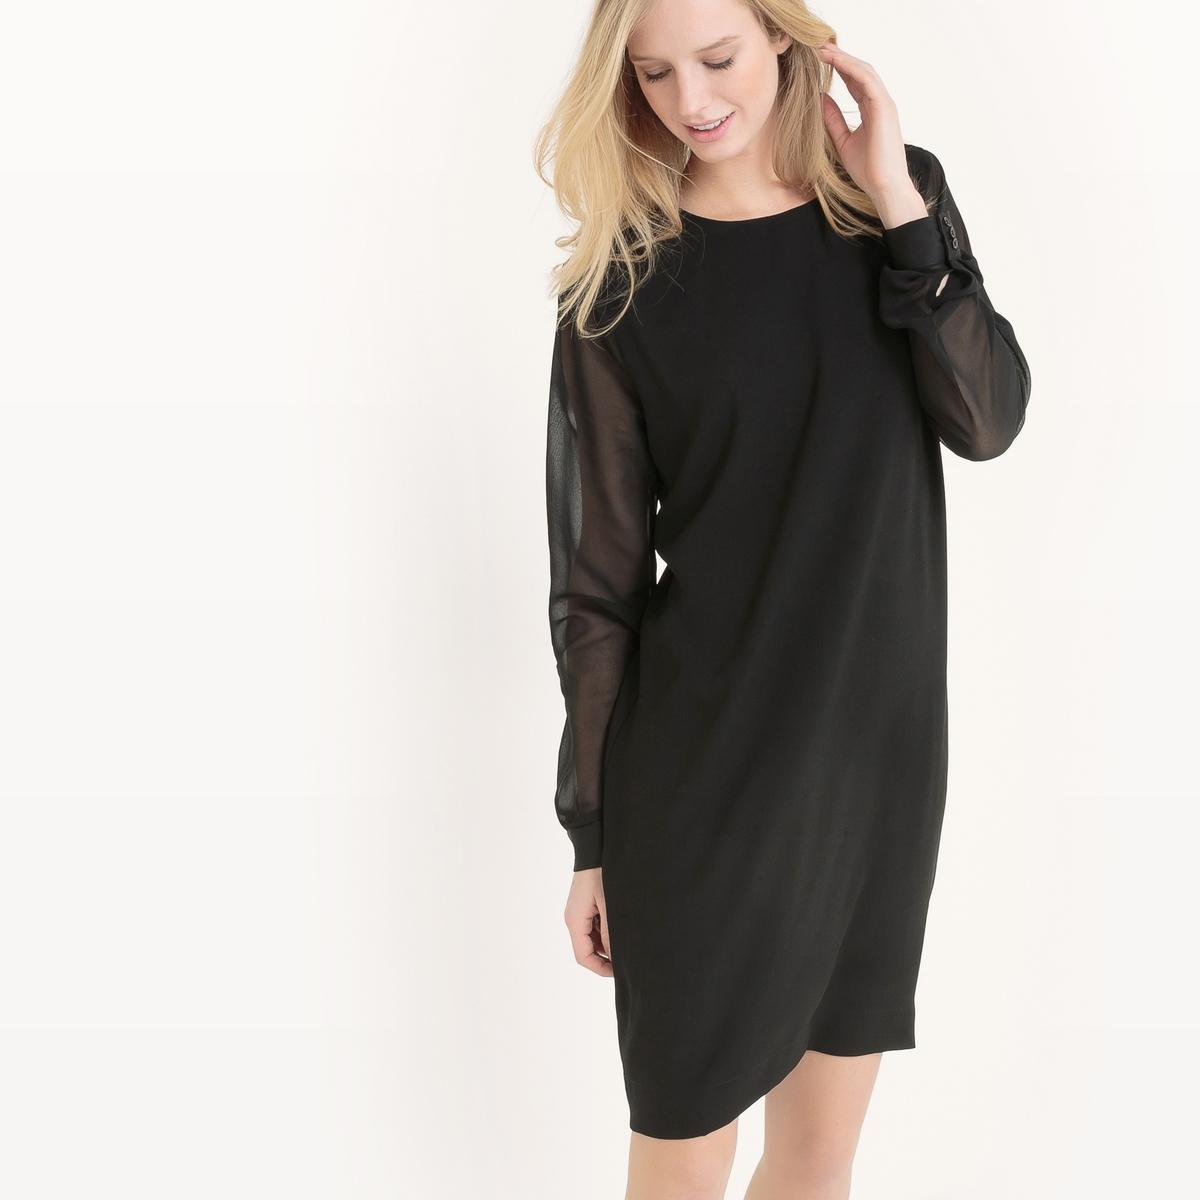 Платье с длинными рукавами HILLY DRESSПлатье с длинными рукавами HILLY DRESS от B .YOUNG    . Платье длинного покроя из вуали на подкладке на основной части, кроме рукавов. Состав и описание :Материал : 100% полиэстерМарка : B.YOUNG<br><br>Цвет: черный<br>Размер: 38 (FR) - 44 (RUS)